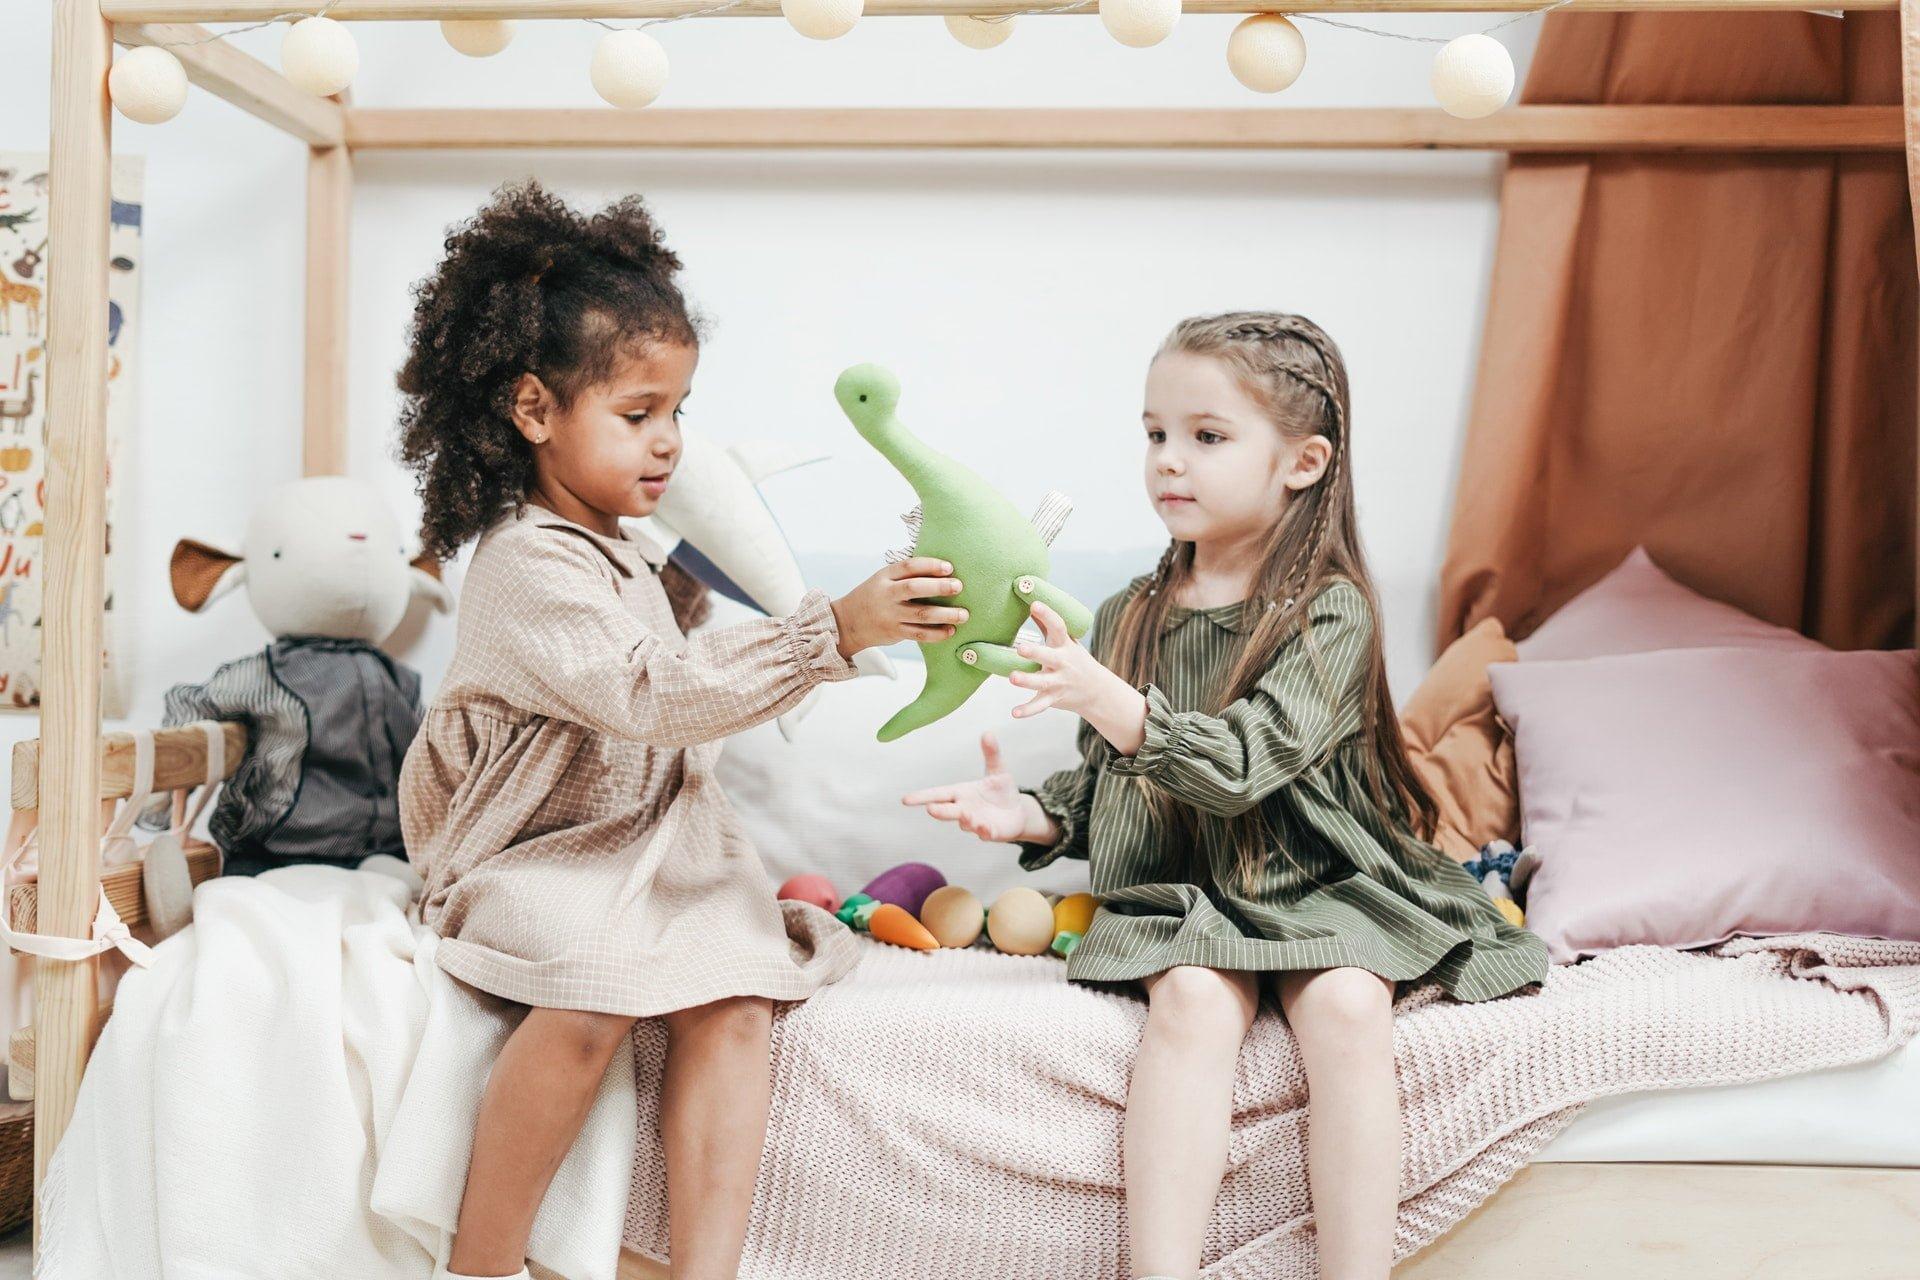 Oyuncaklarıyla oynayan tüketim yapmayı erken öğrenen çocuklar.